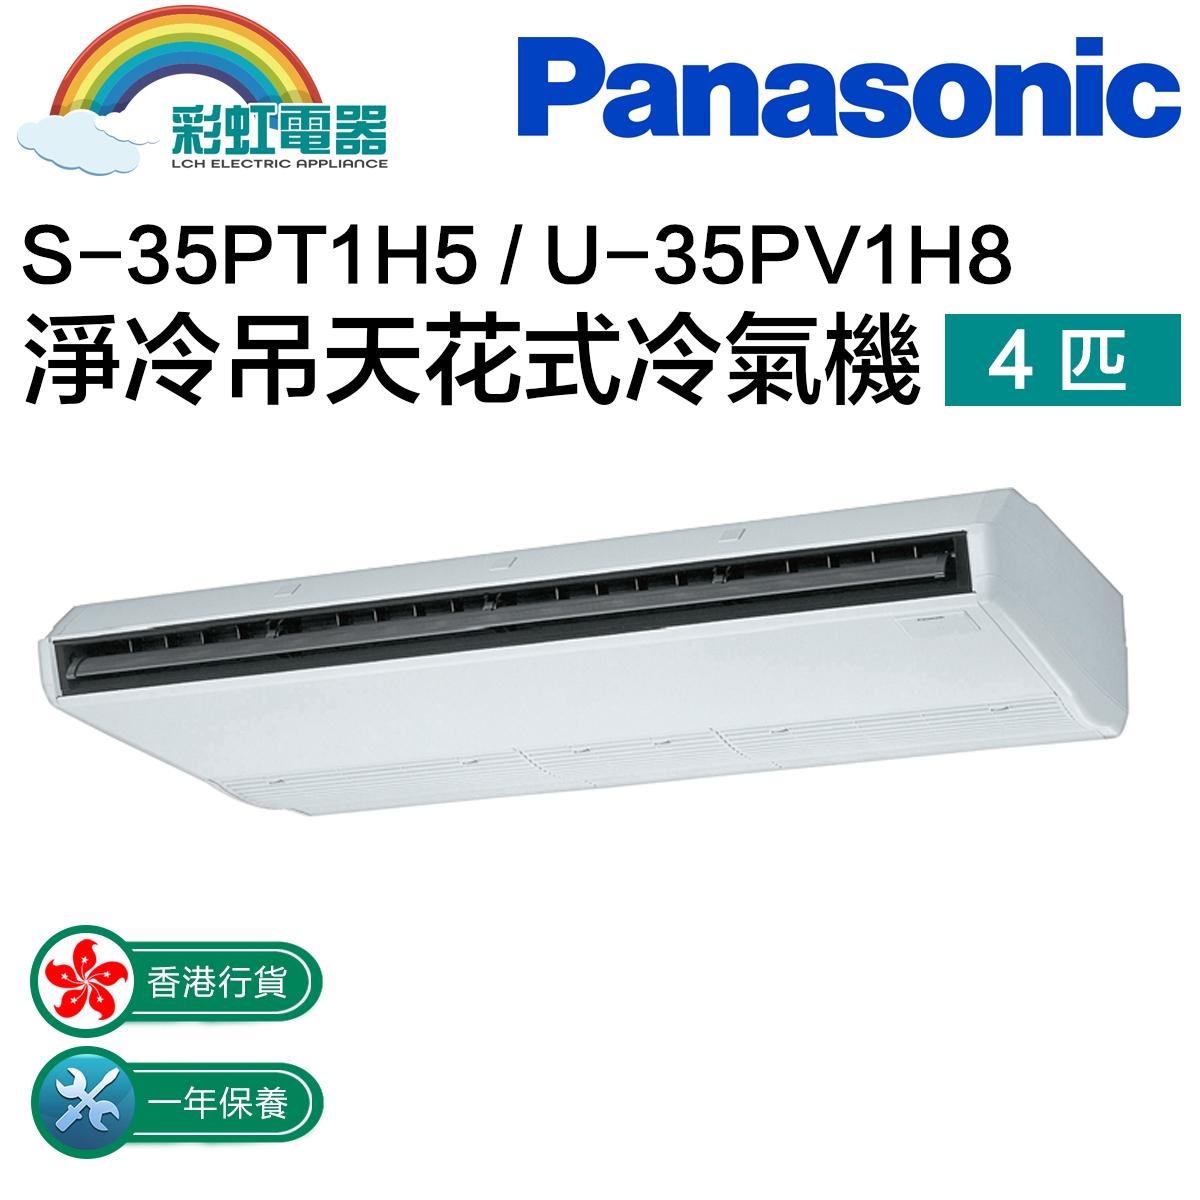 S-35PT1H5/U-35PV1H8 淨冷吊天花式冷氣機 4匹(有線/無線搖控器)